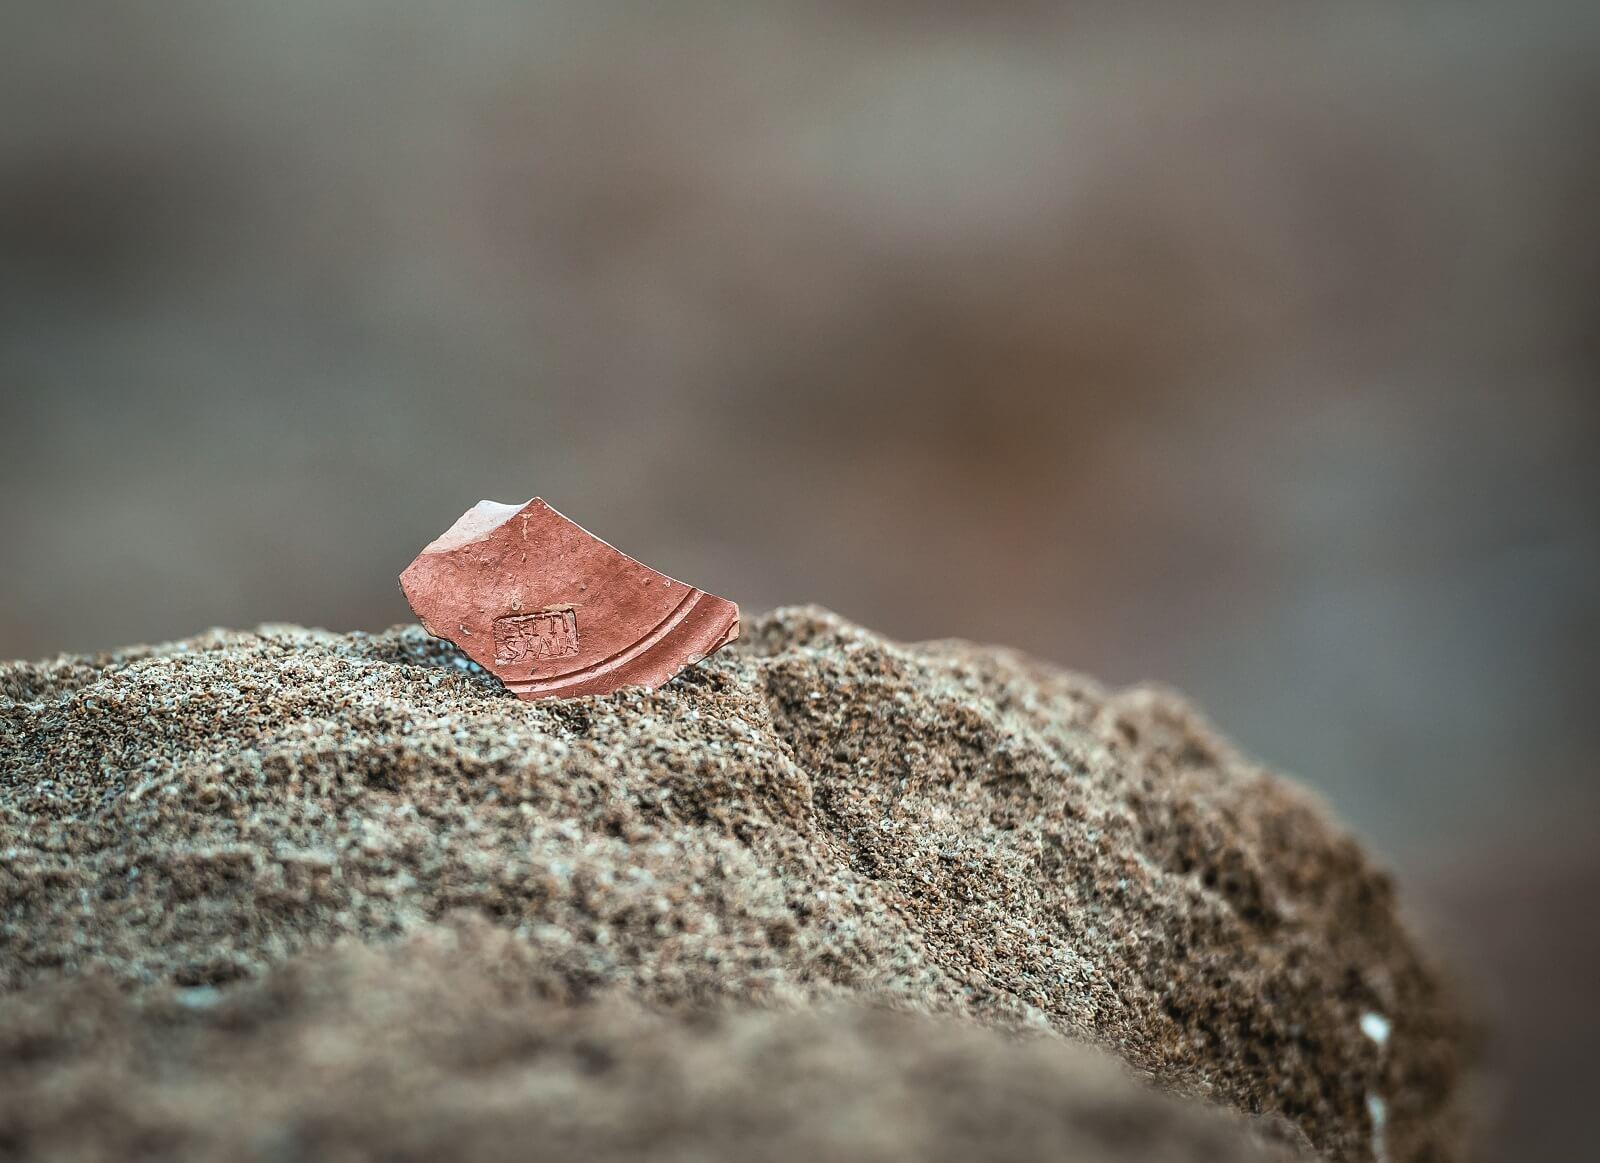 Fragmento de cerámica sellado